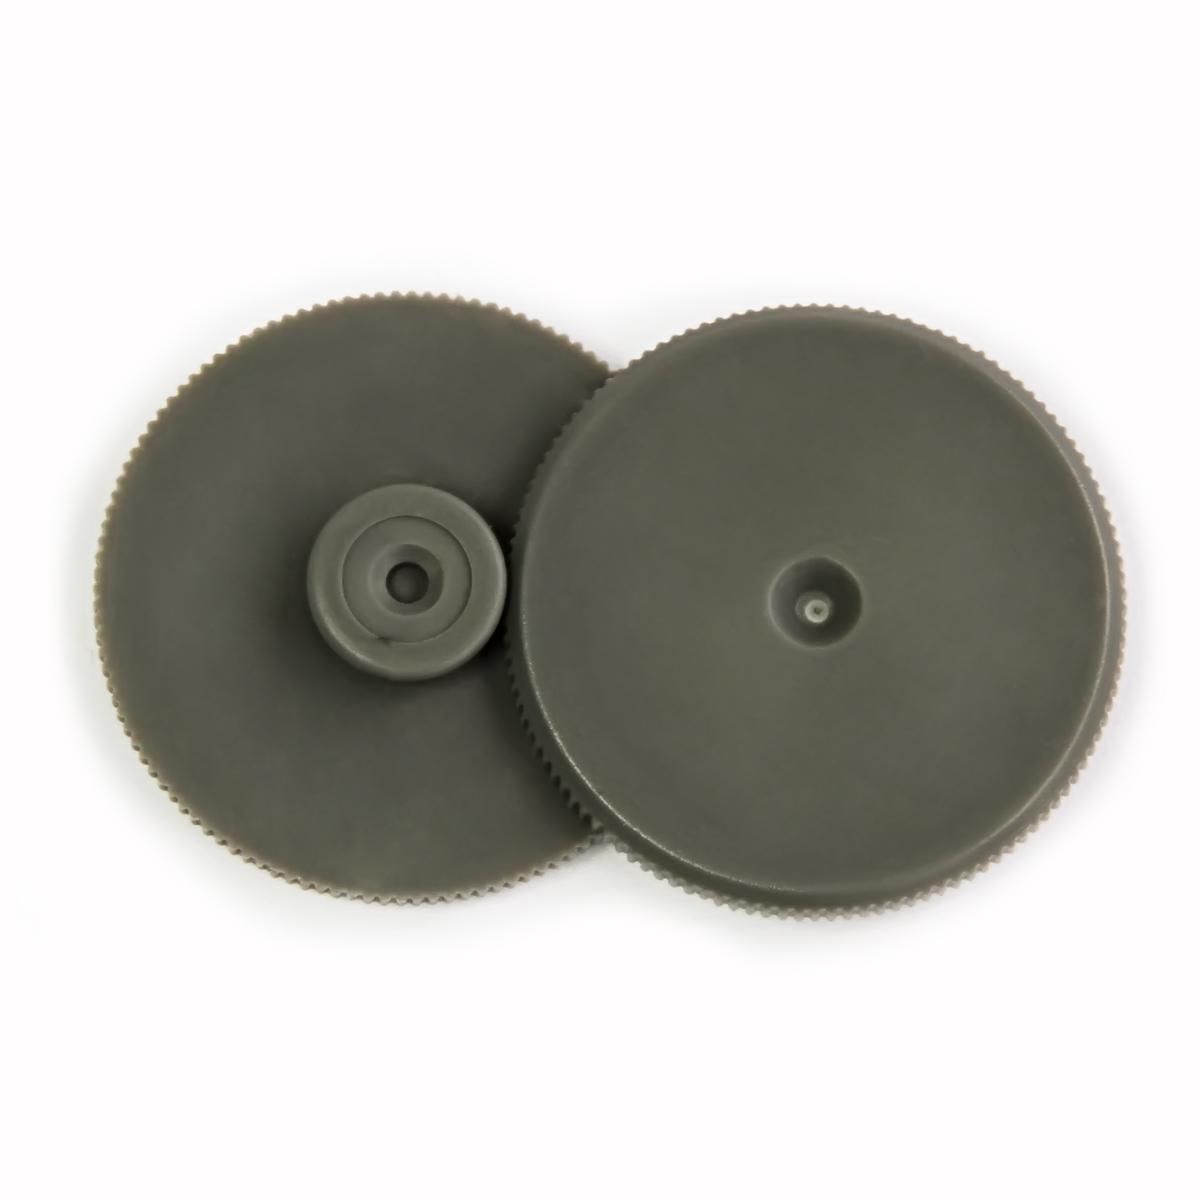 得力(deli)0152 重型打孔机垫片 打孔机配件 适用0150/0130打孔机 10个/袋